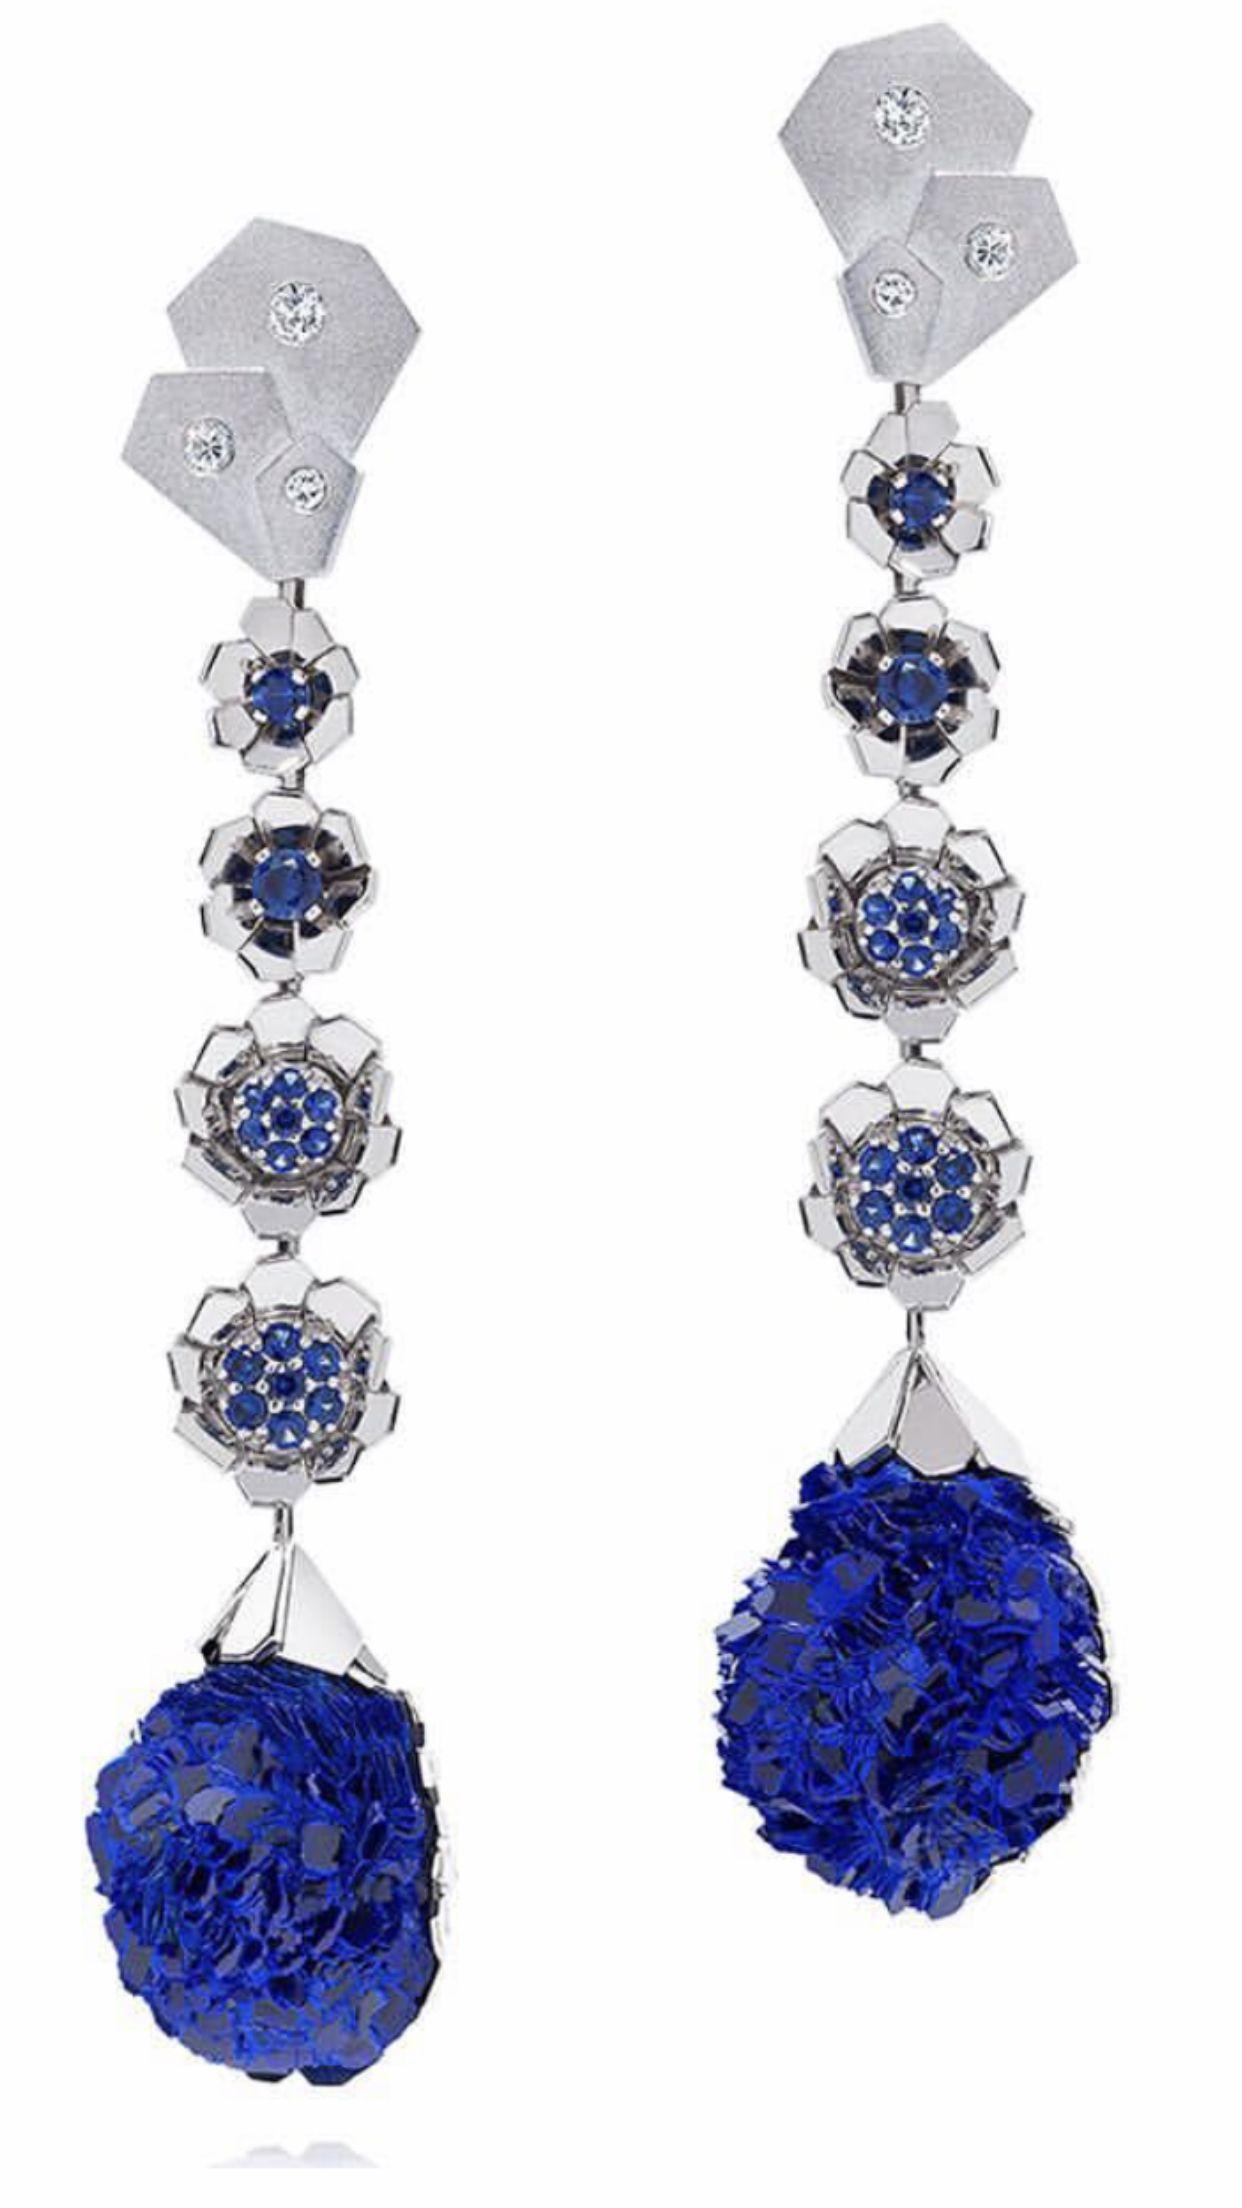 6e0f3a847 Pin by Manoj kadel on Earrings in 2019 | Earrings, Jewelry, Drop ...